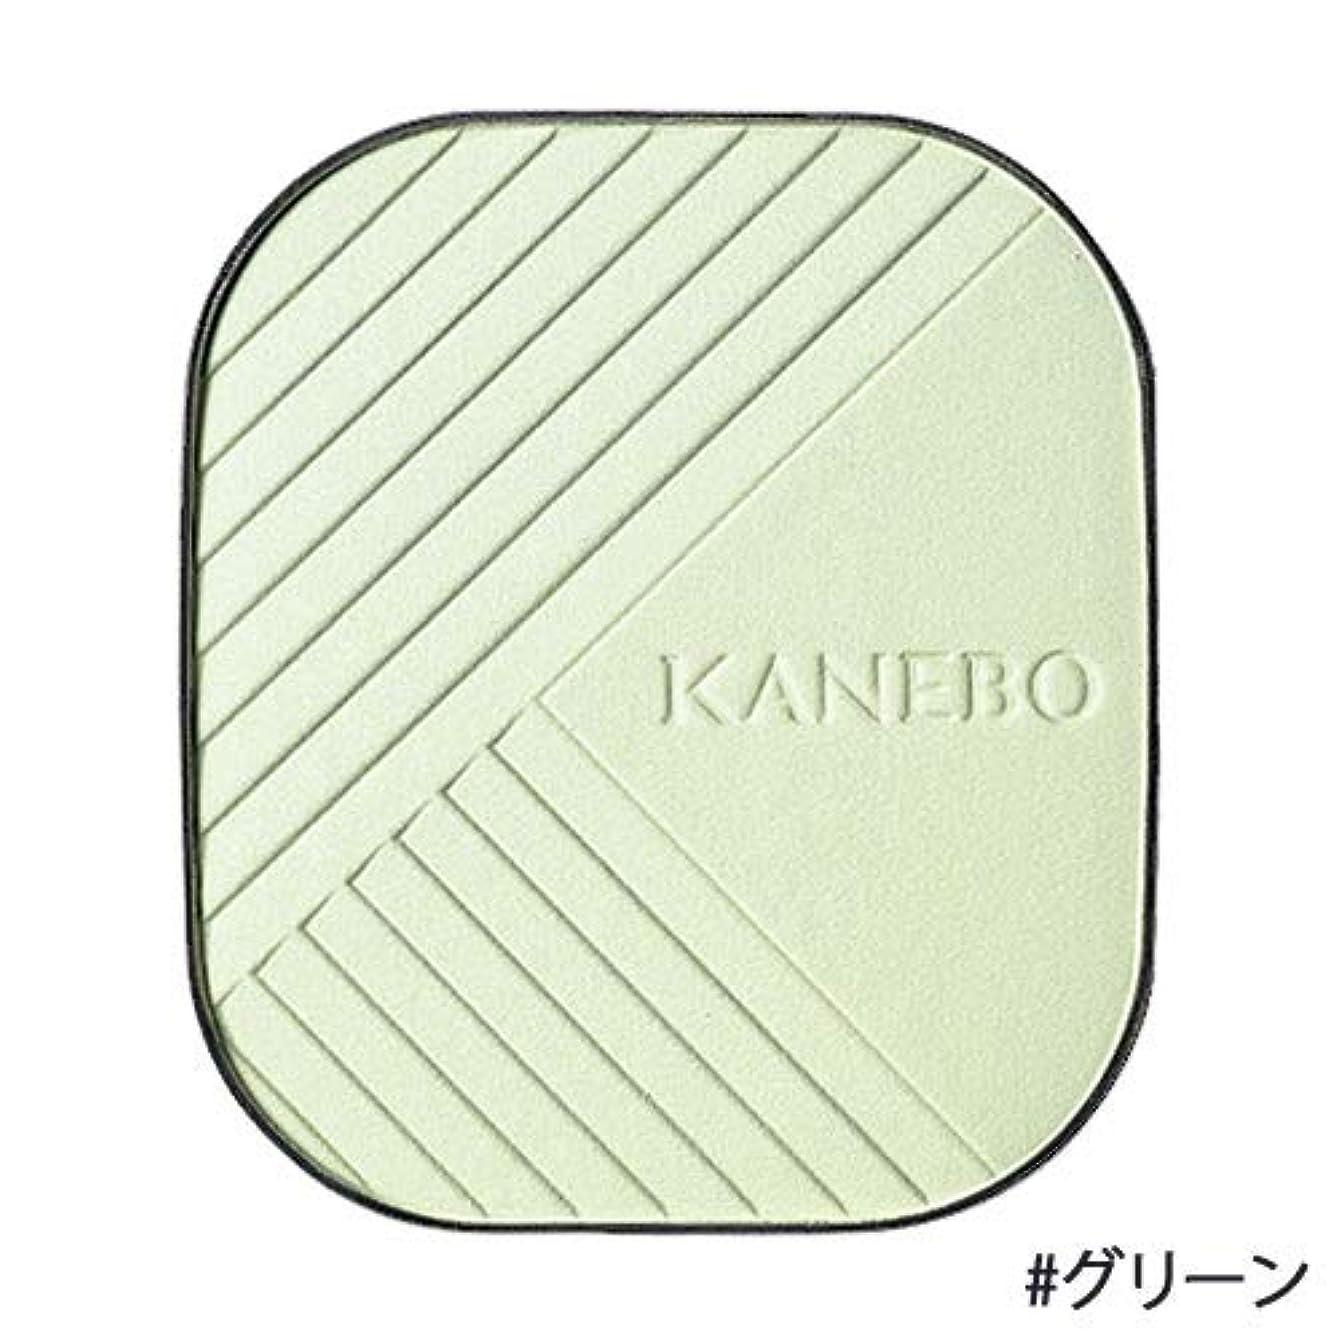 アンペア豊かにする同意KANEBO カネボウ ラスターカラーファンデーション レフィル グリーン/GN 9g [並行輸入品]